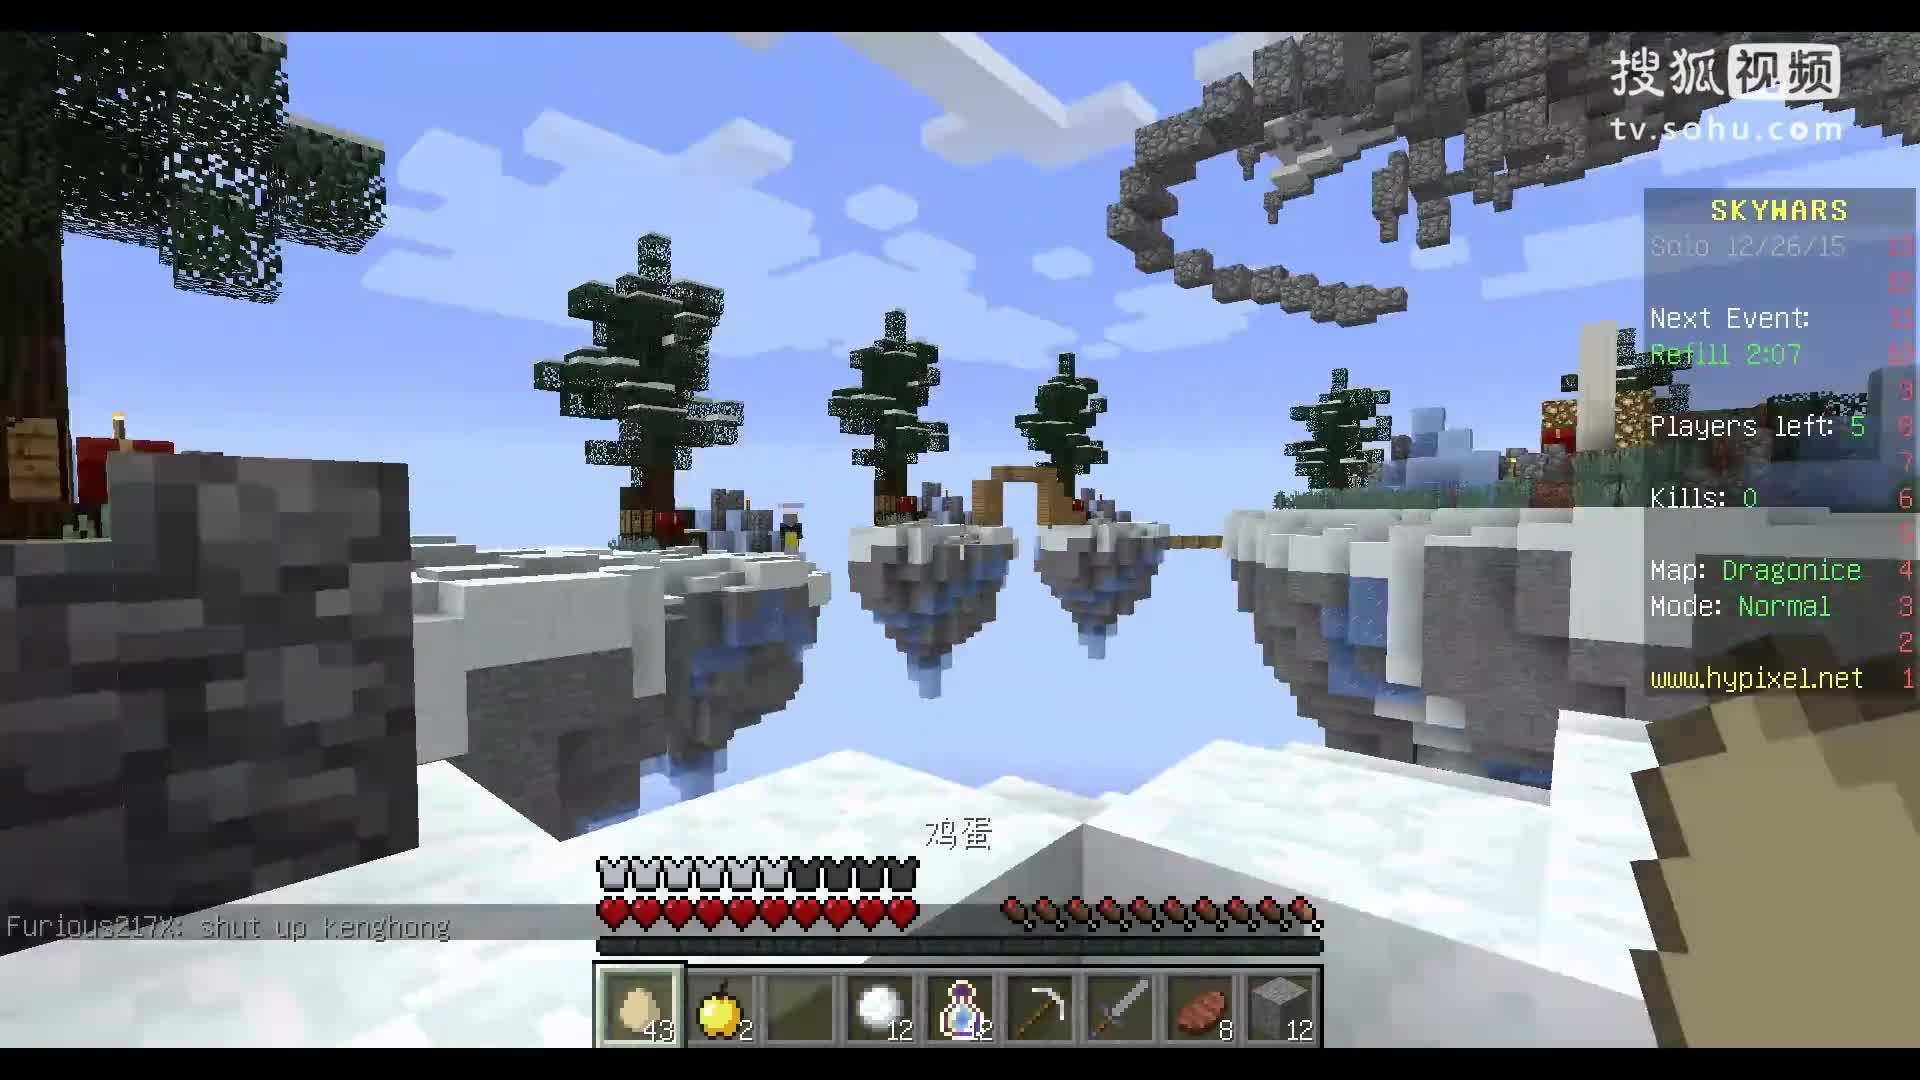 【小本】我的世界空岛战争〓久违的空岛skywars〓mc=minecraft